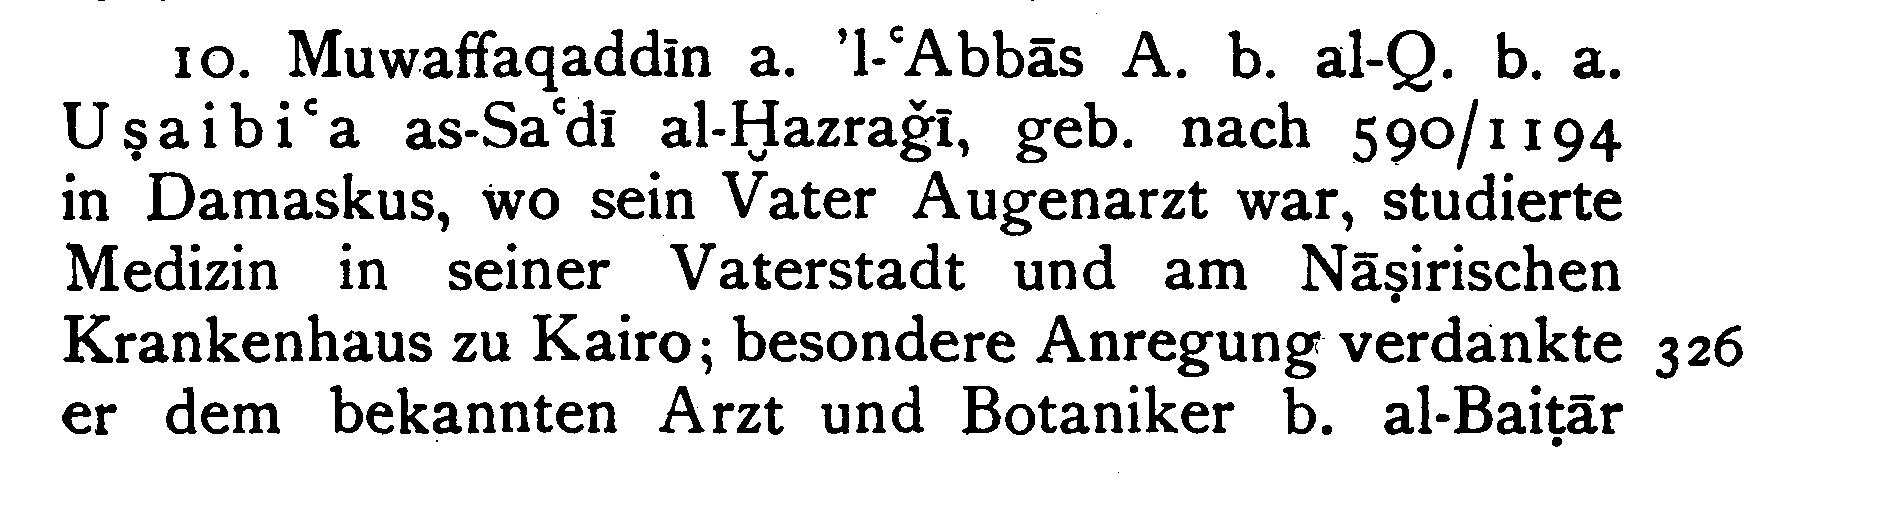 brockelmann2_vol1_397